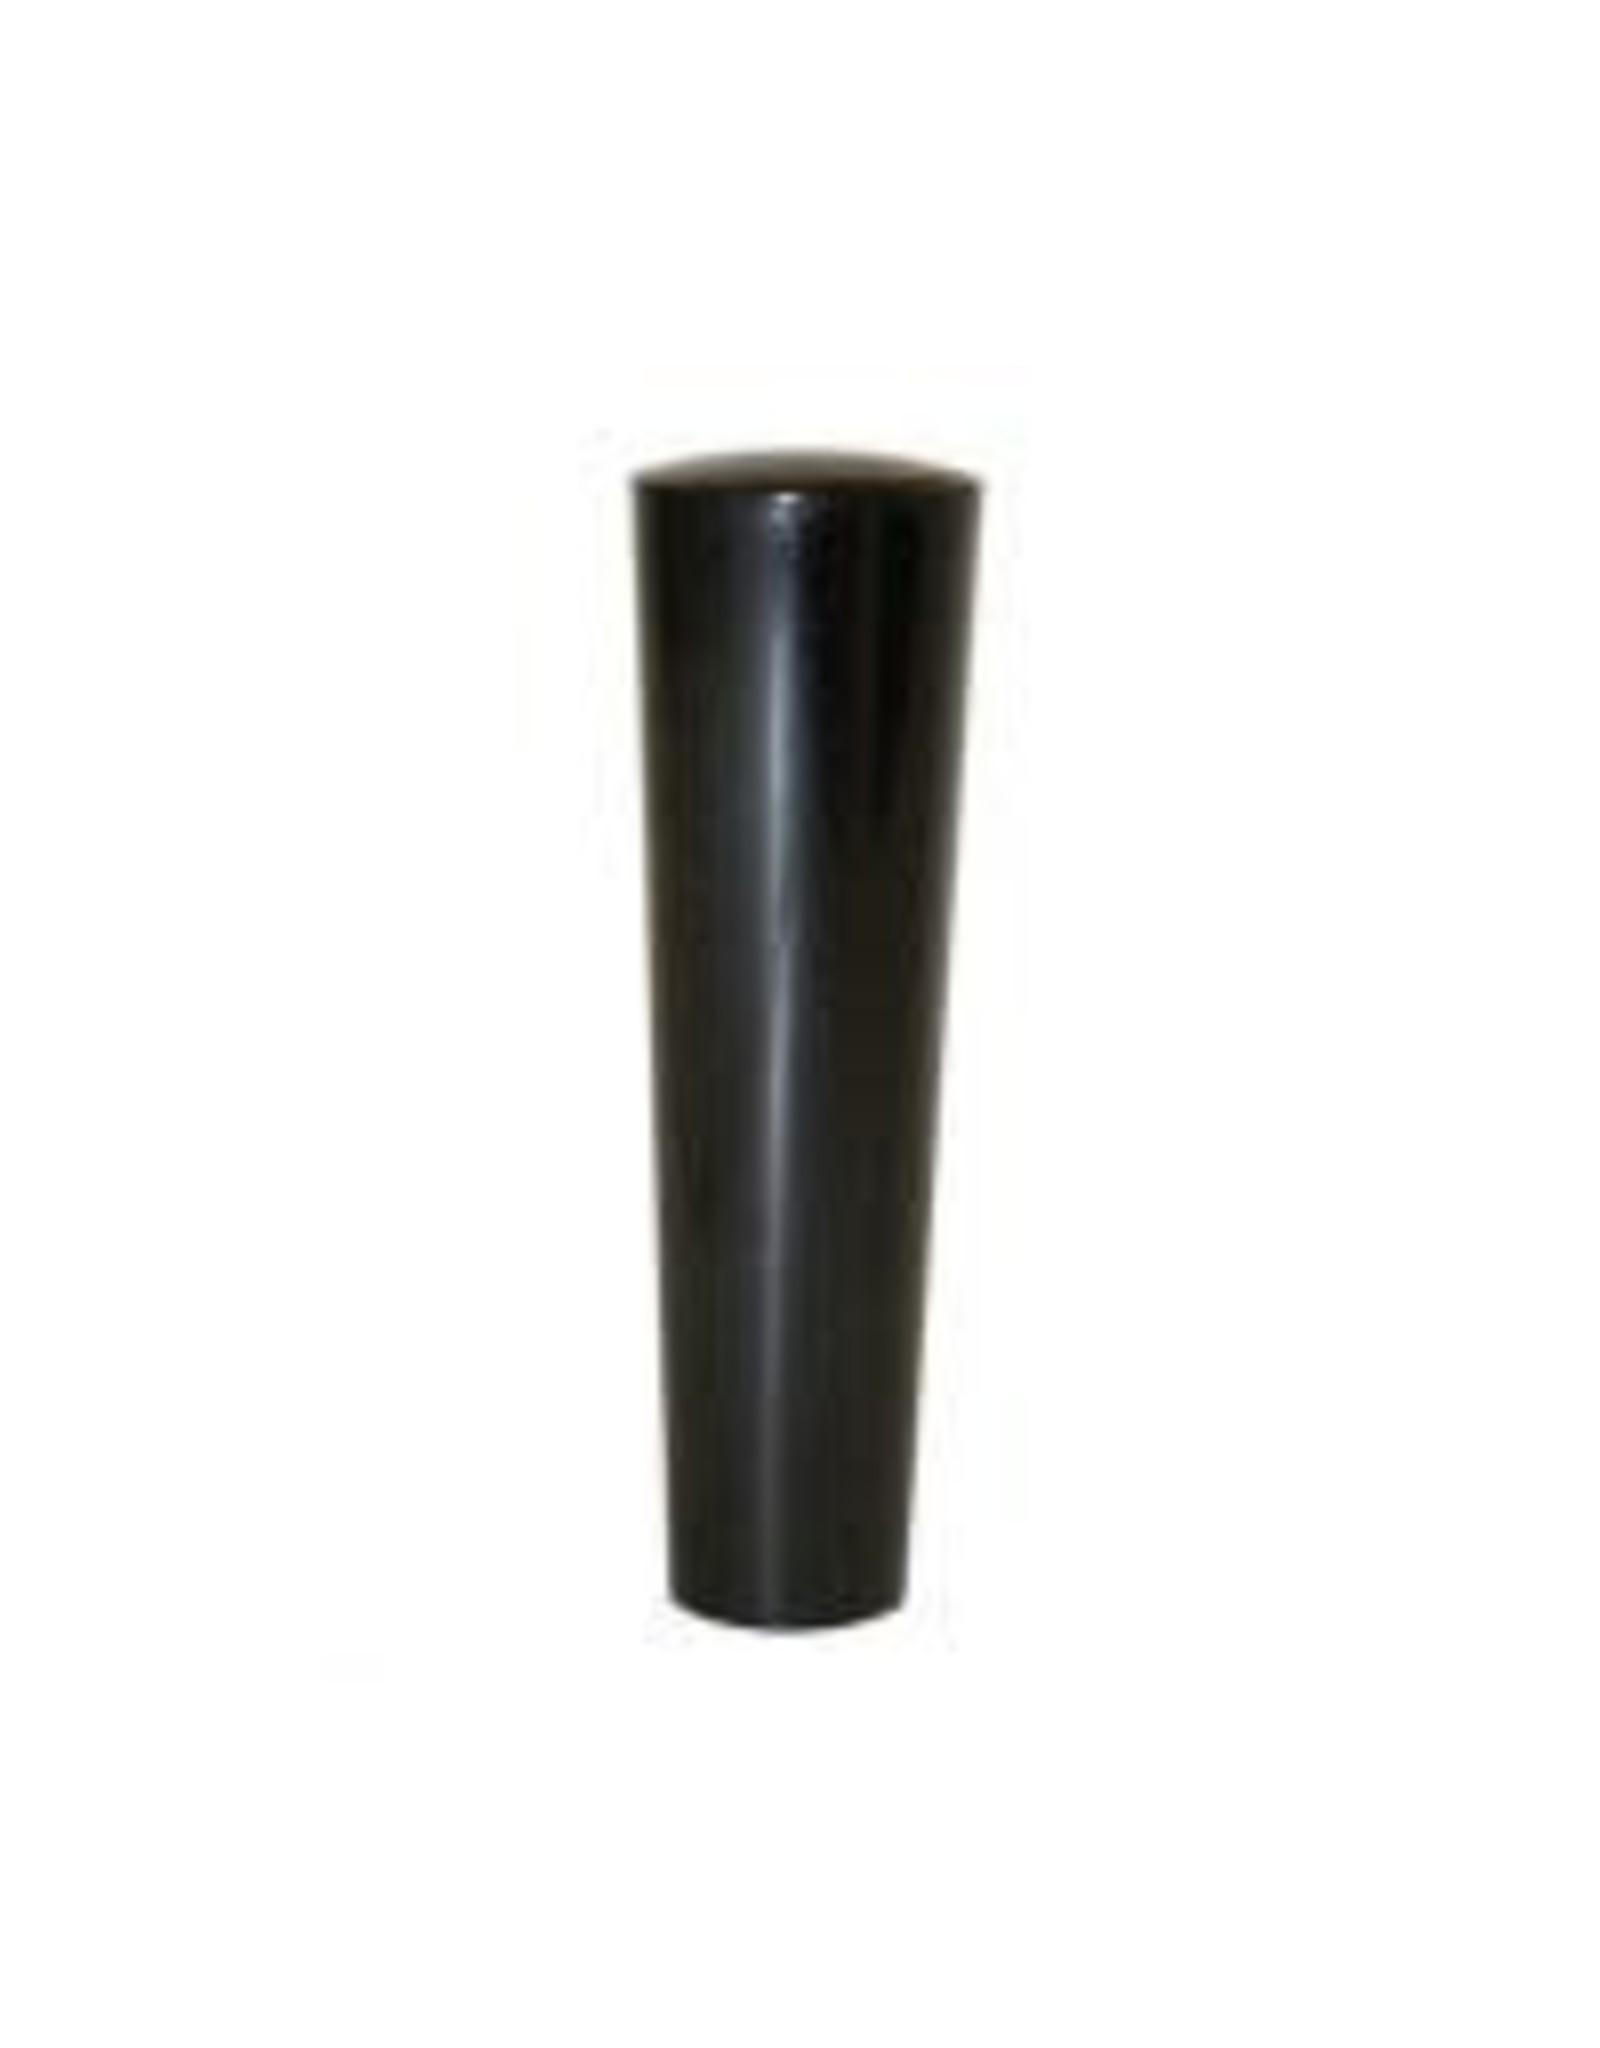 BLACK PLASTIC EURO TAP HANDLE